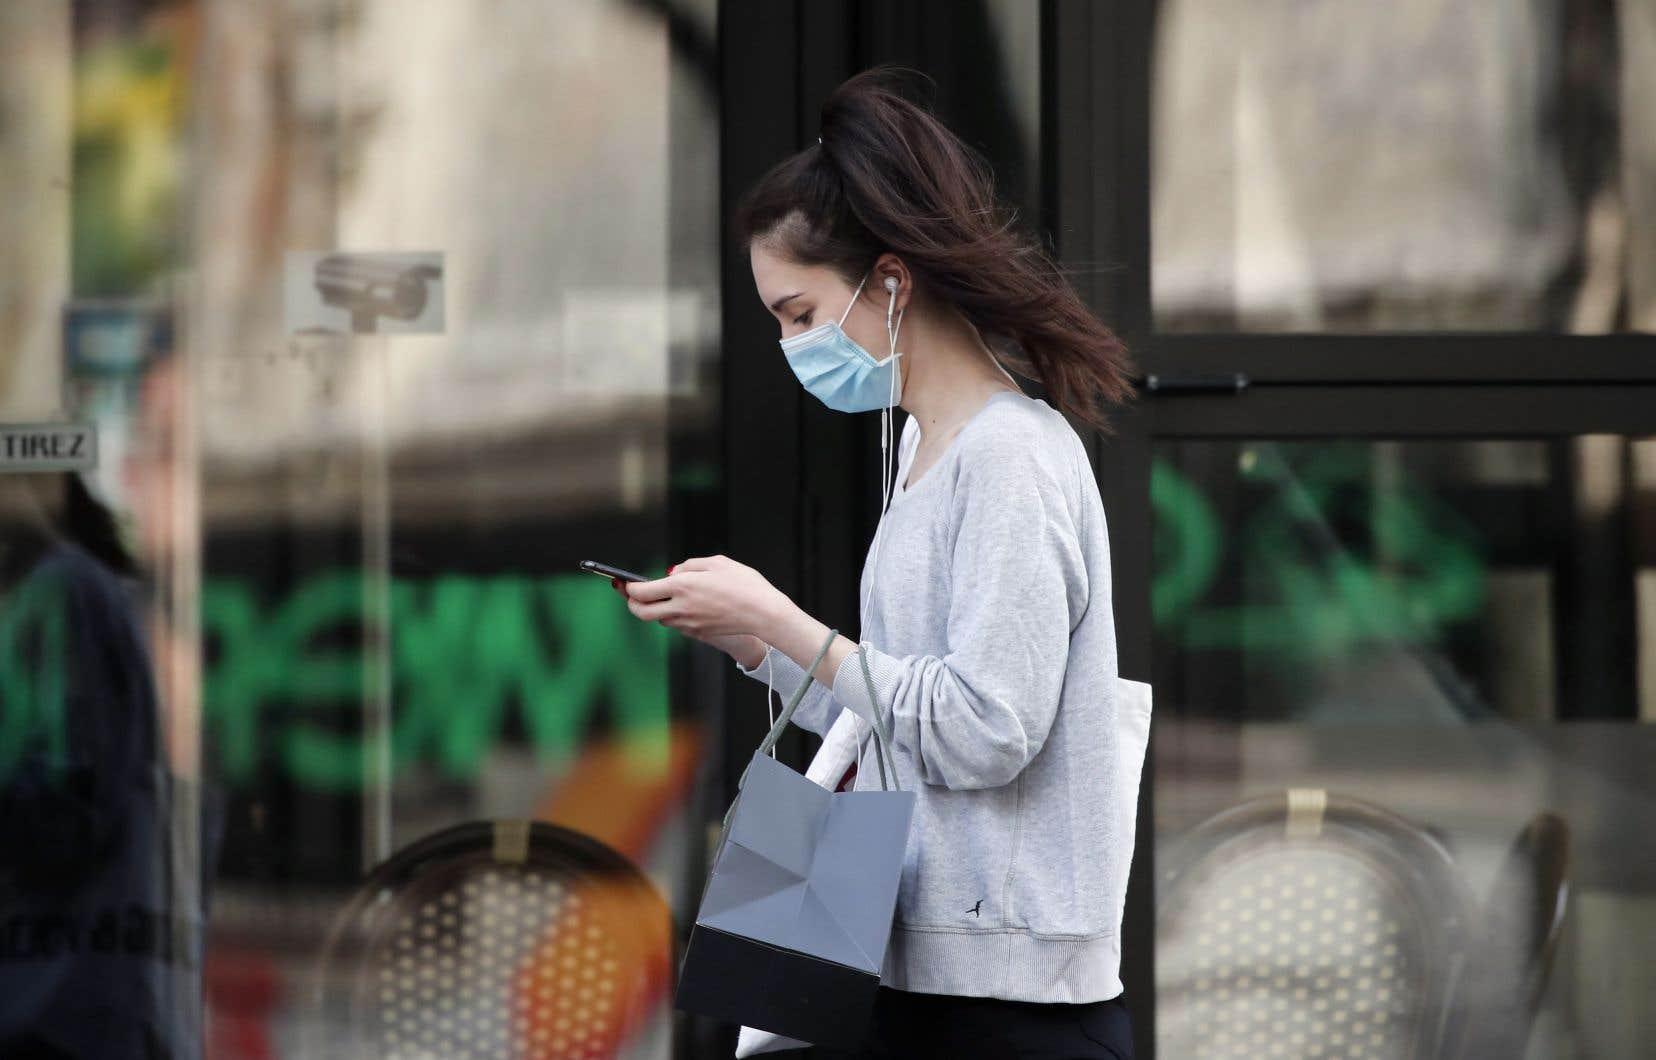 L'usage de l'application repose sur la volonté des gens de l'utiliser et d'y entrer des données sur leur santé. Les données seraient anonymes si elles étaient partagées avec la Santé publique.